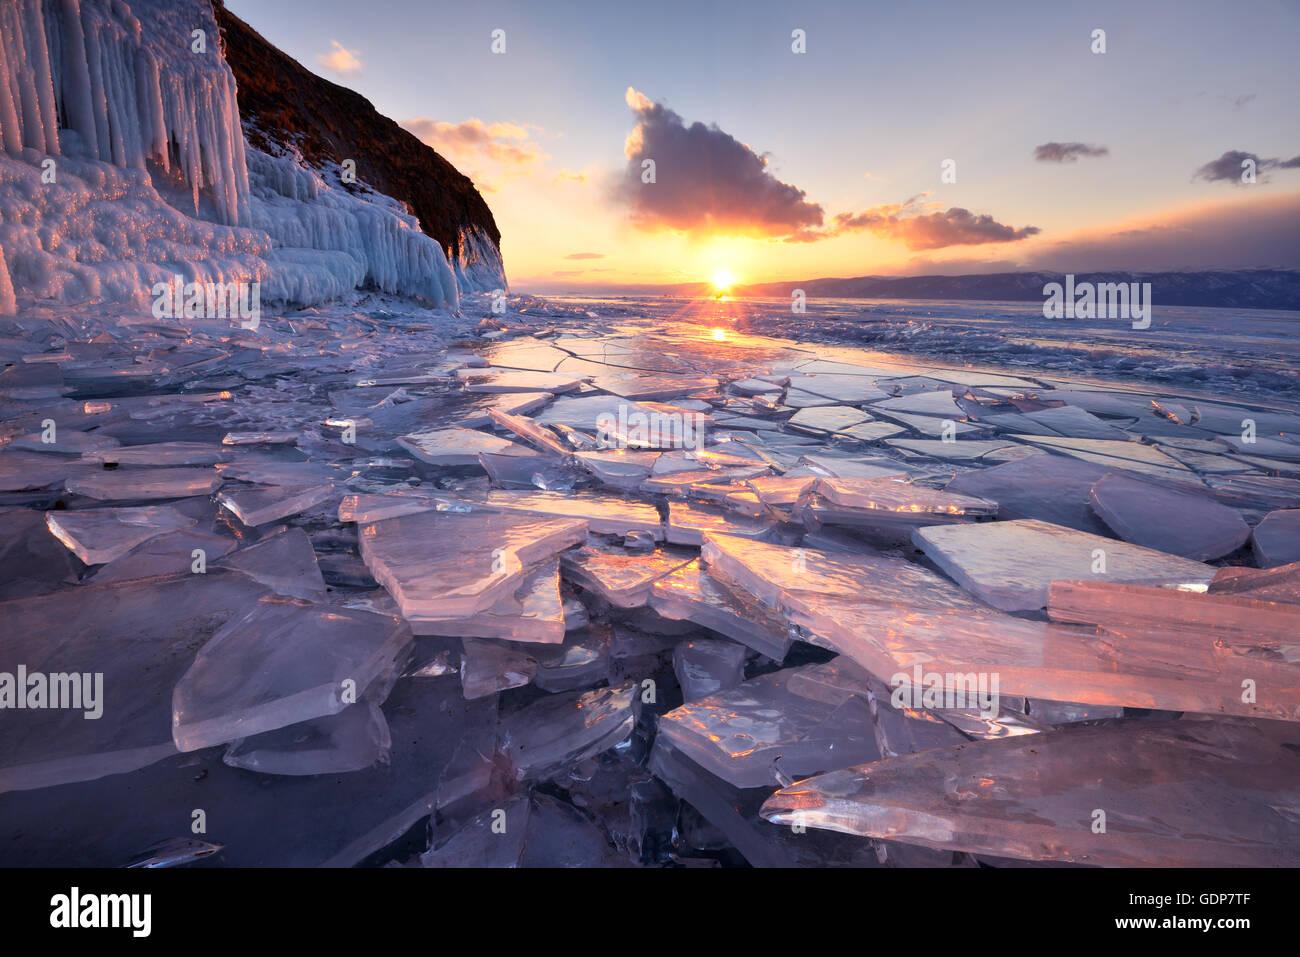 Rotto il ghiaccio al tramonto sul Lago Baikal, isola di Olkhon, Siberia, Russia Immagini Stock